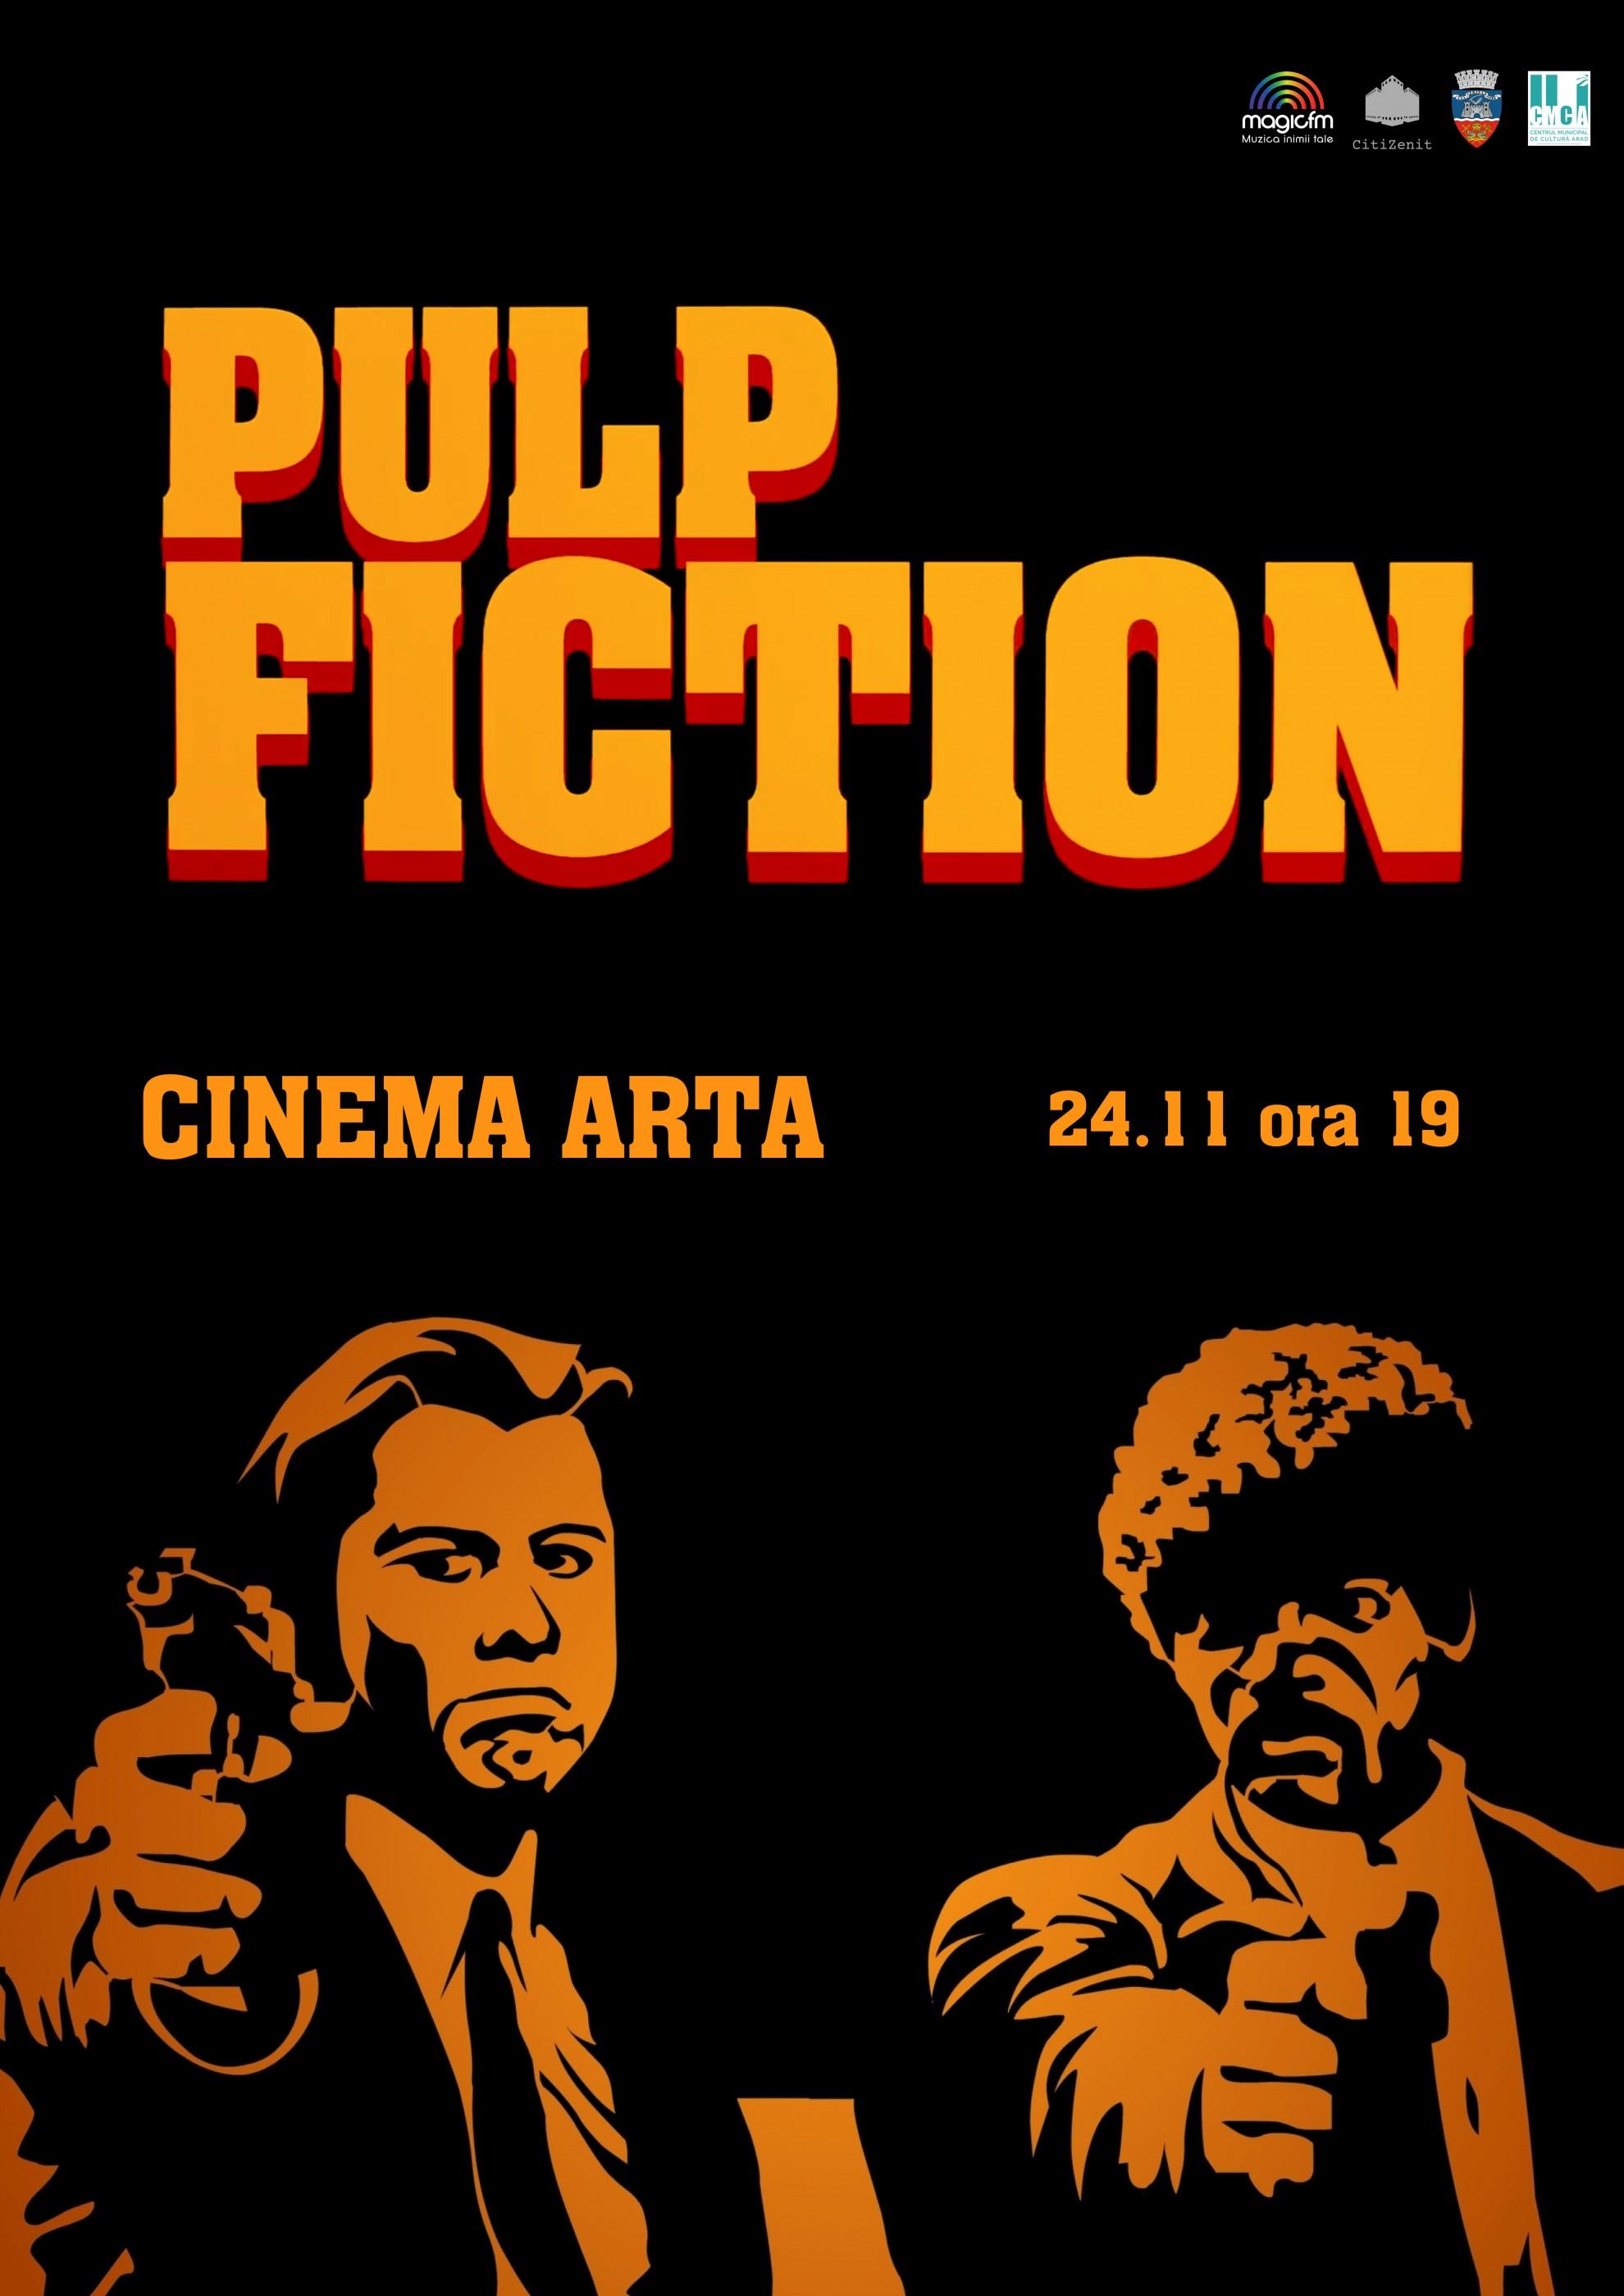 PULP FICTION ajunge pe marele ecran la Cinema Arta